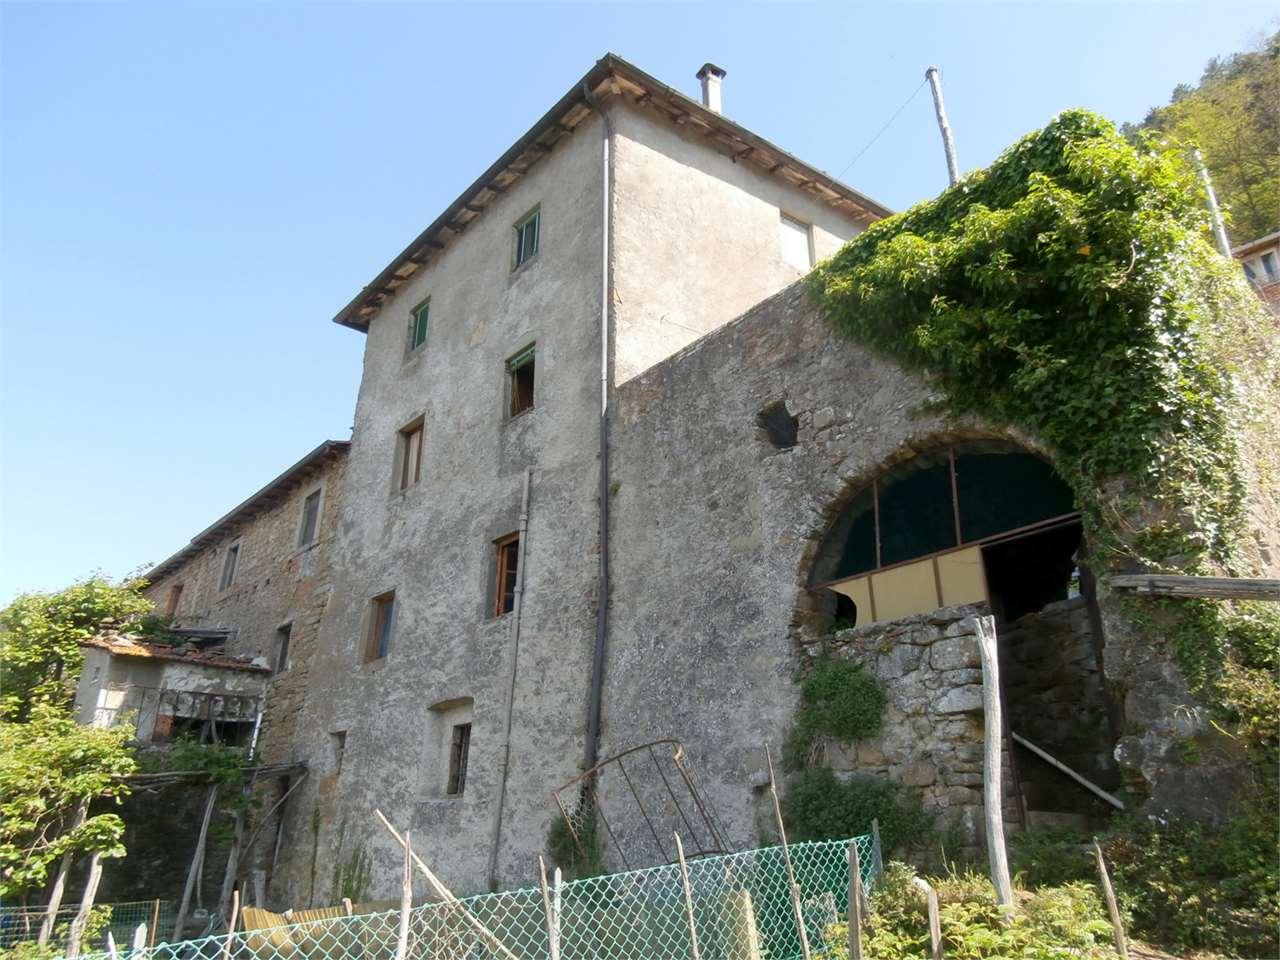 Appartamento in vendita a Bagni di Lucca, 11 locali, prezzo € 75.000   PortaleAgenzieImmobiliari.it